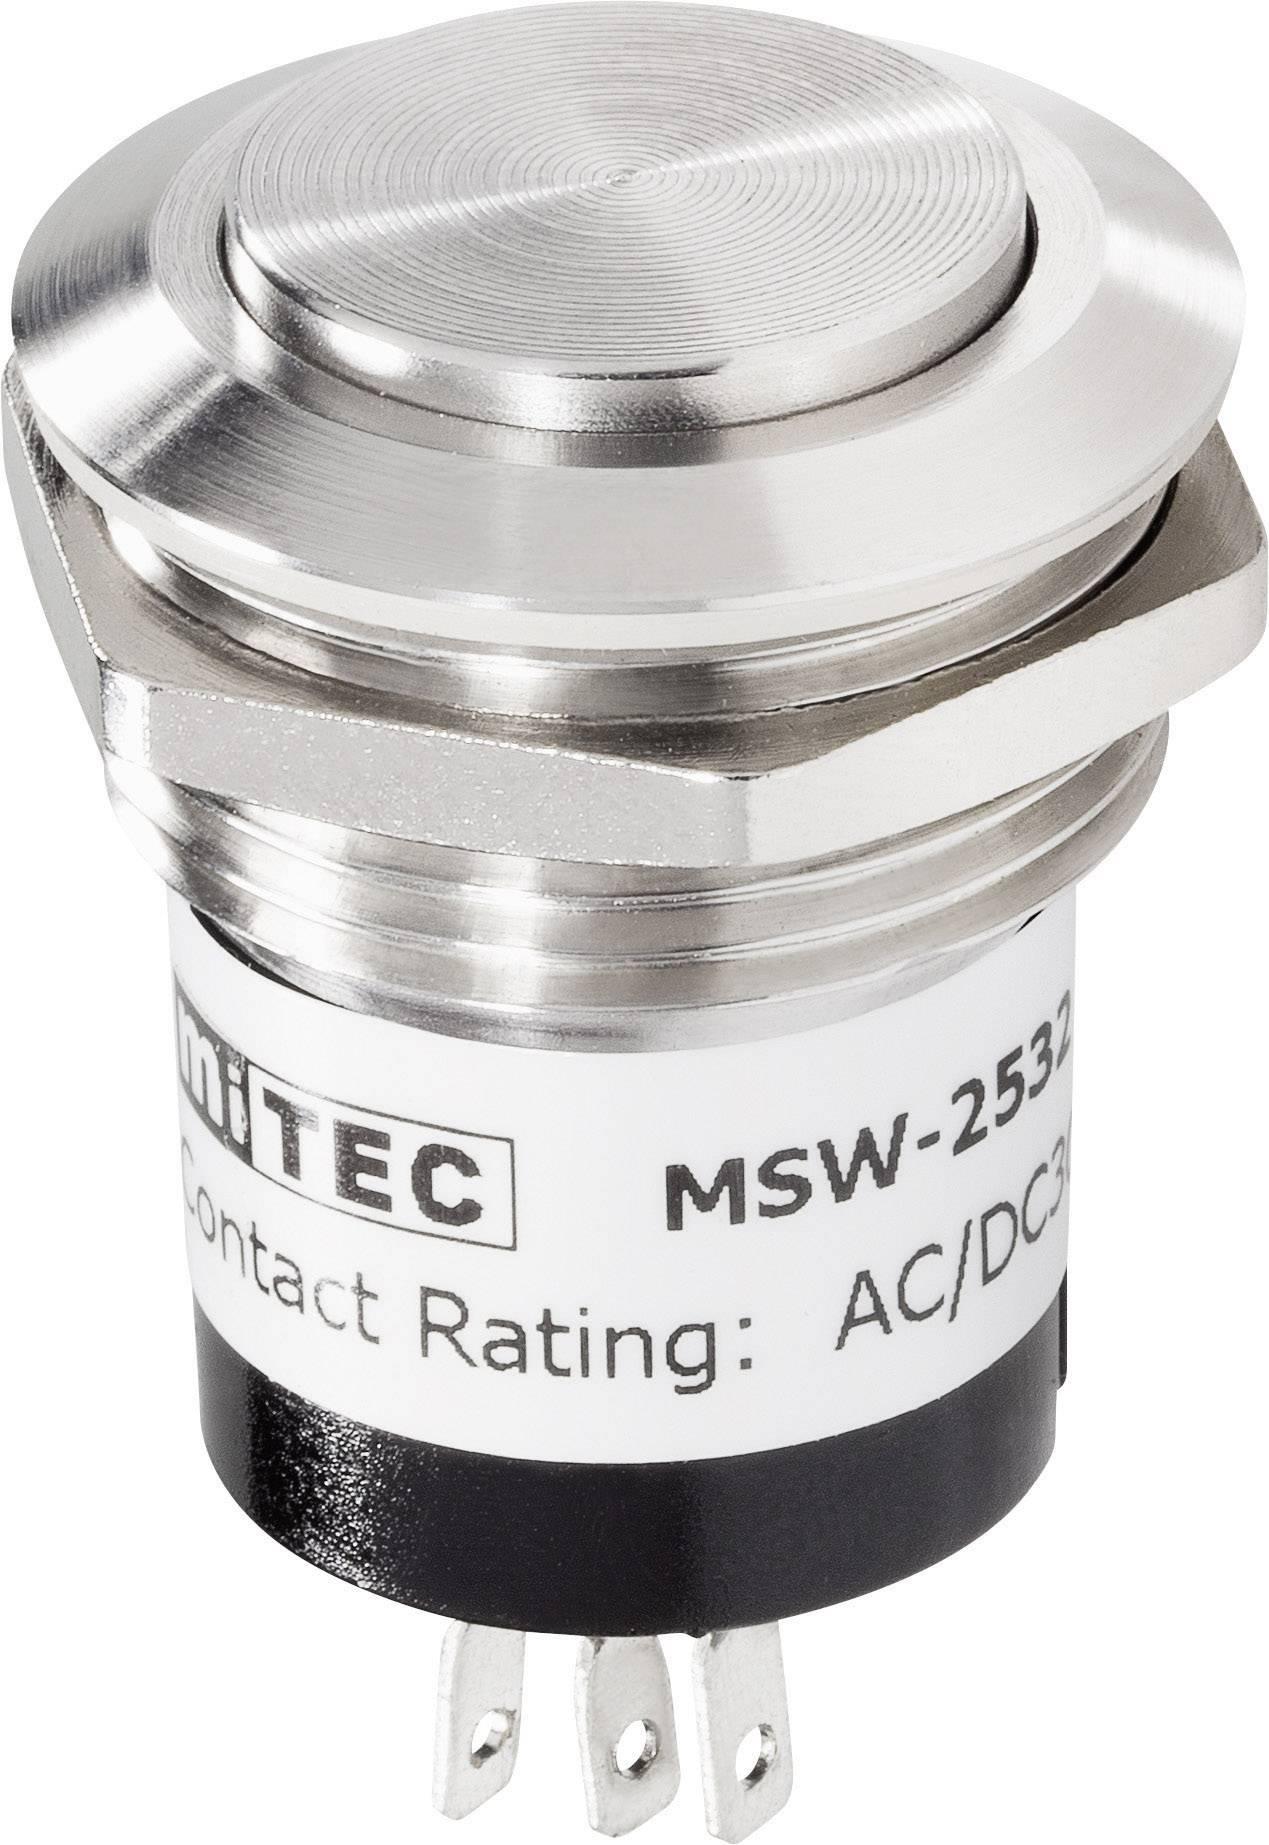 Zvončekové nerezové tlačidlo RENKFORCE, 24 V / 1 A, 28 mm